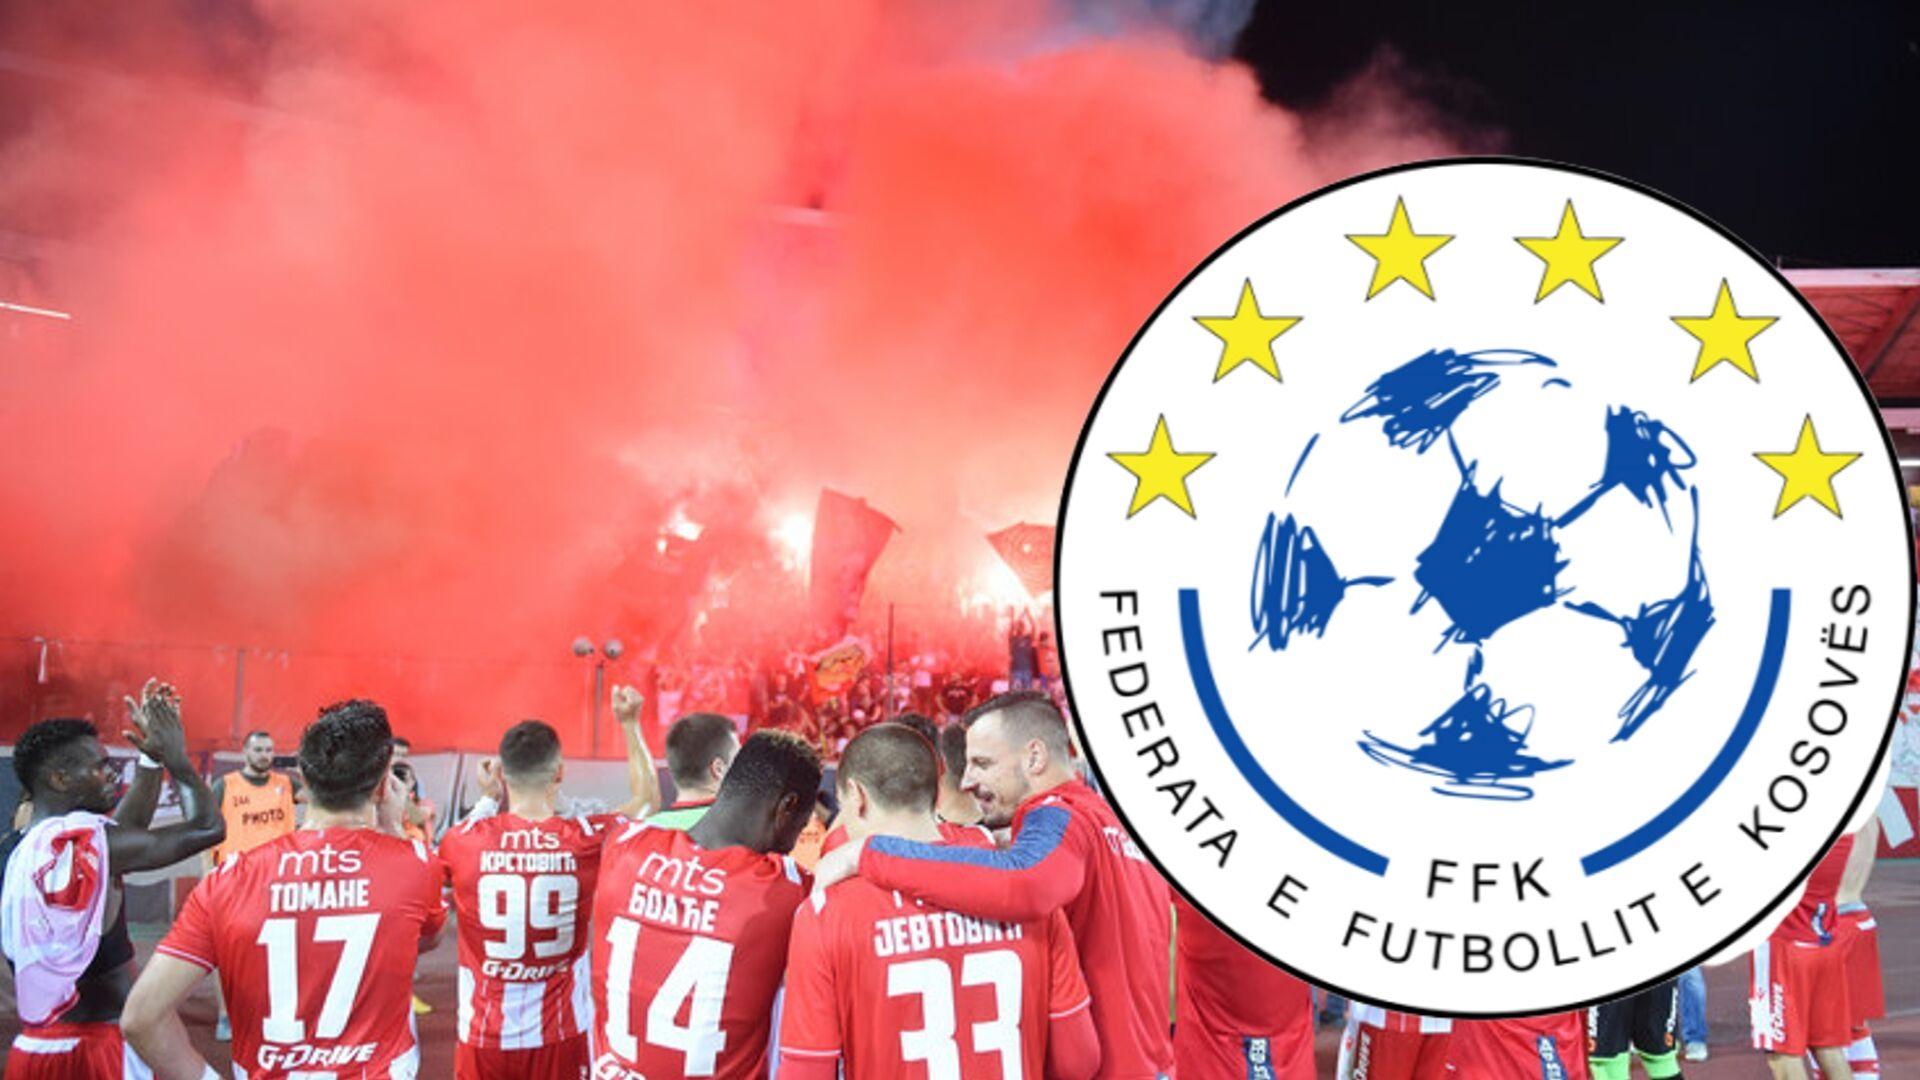 Crvena Zvezdës së Serbisë nuk i lejohet hyrja në Kosovë, do të ndalohen në kufi